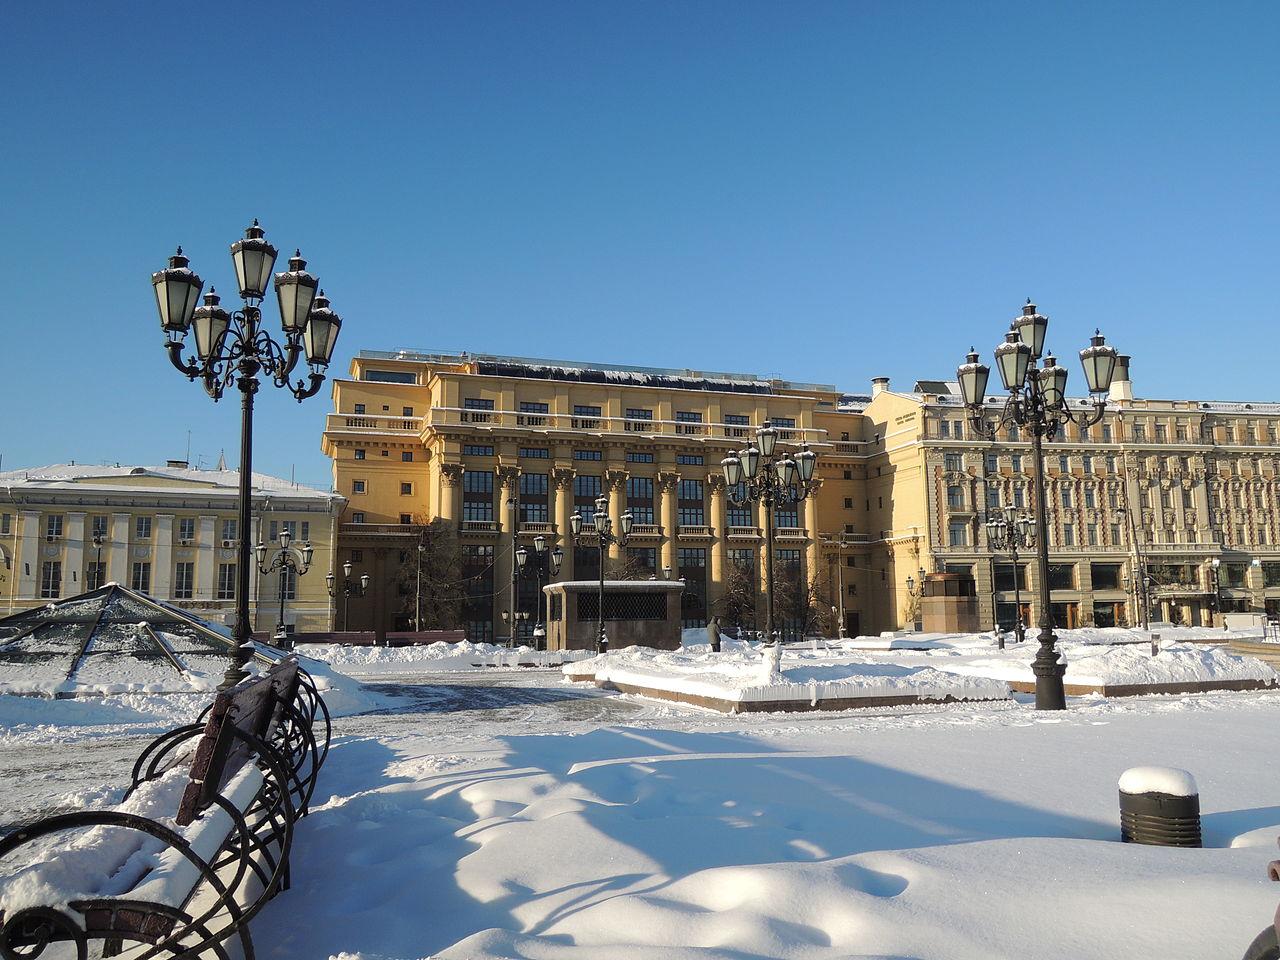 Москва, зима, Манежная площадь